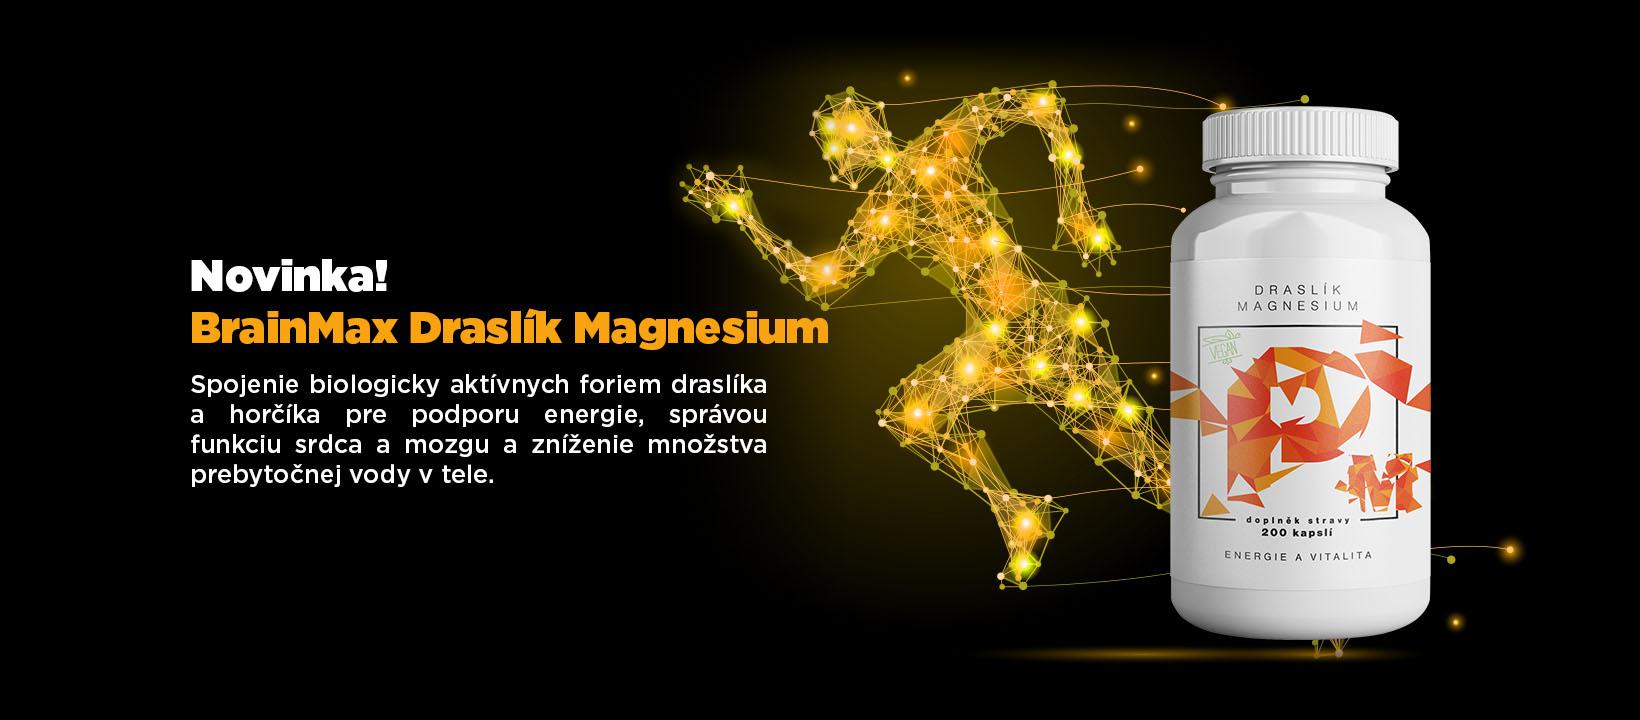 draslik_magnesium_fb_header_SK